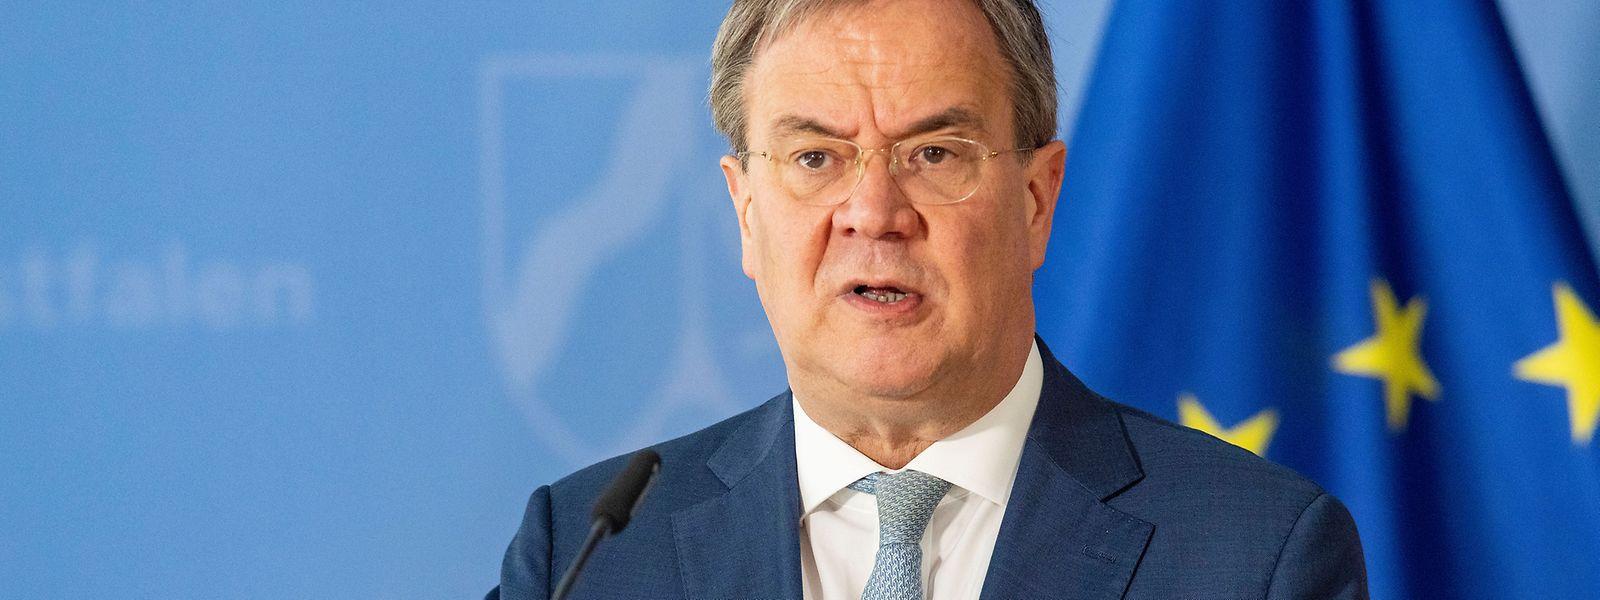 Nordrhein-Westfalens Ministerpräsident und CDU-Kanzlerkandidat Armin Laschet versucht, die Hochwasser-Katastrophe zu nutzen, um sich als Krisenmanager zu profilieren.